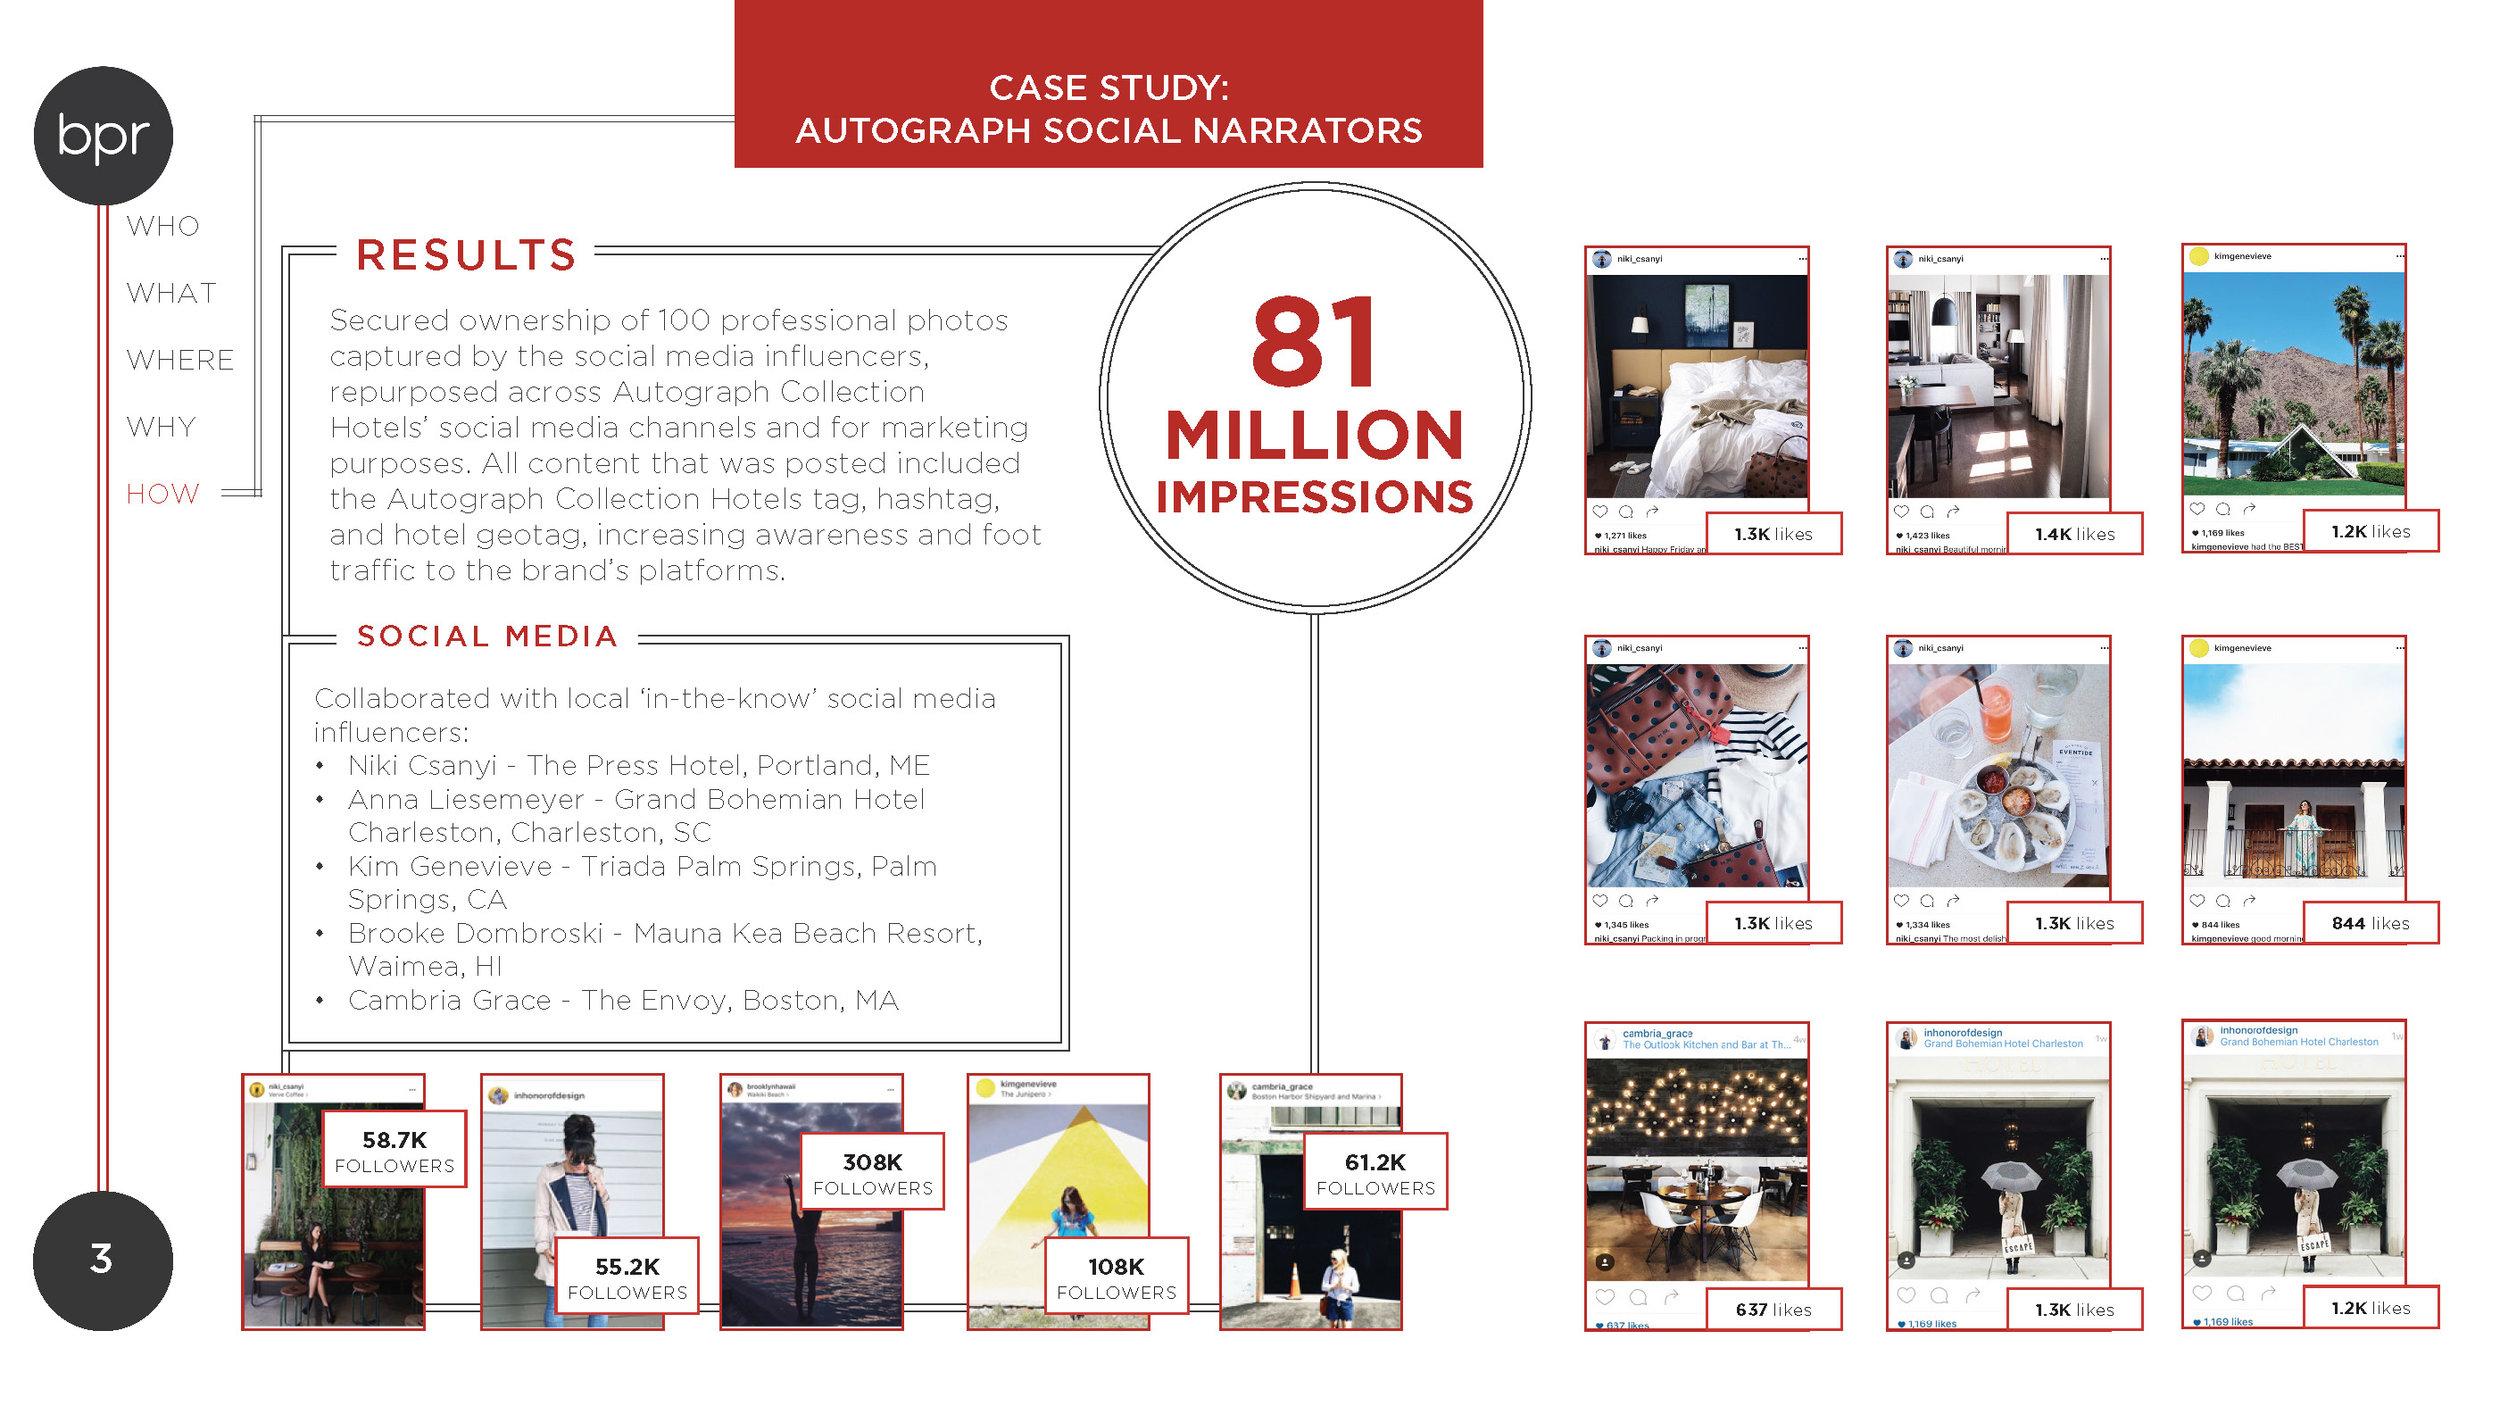 Autograph Social Narrators Case Study_Page_3.jpg